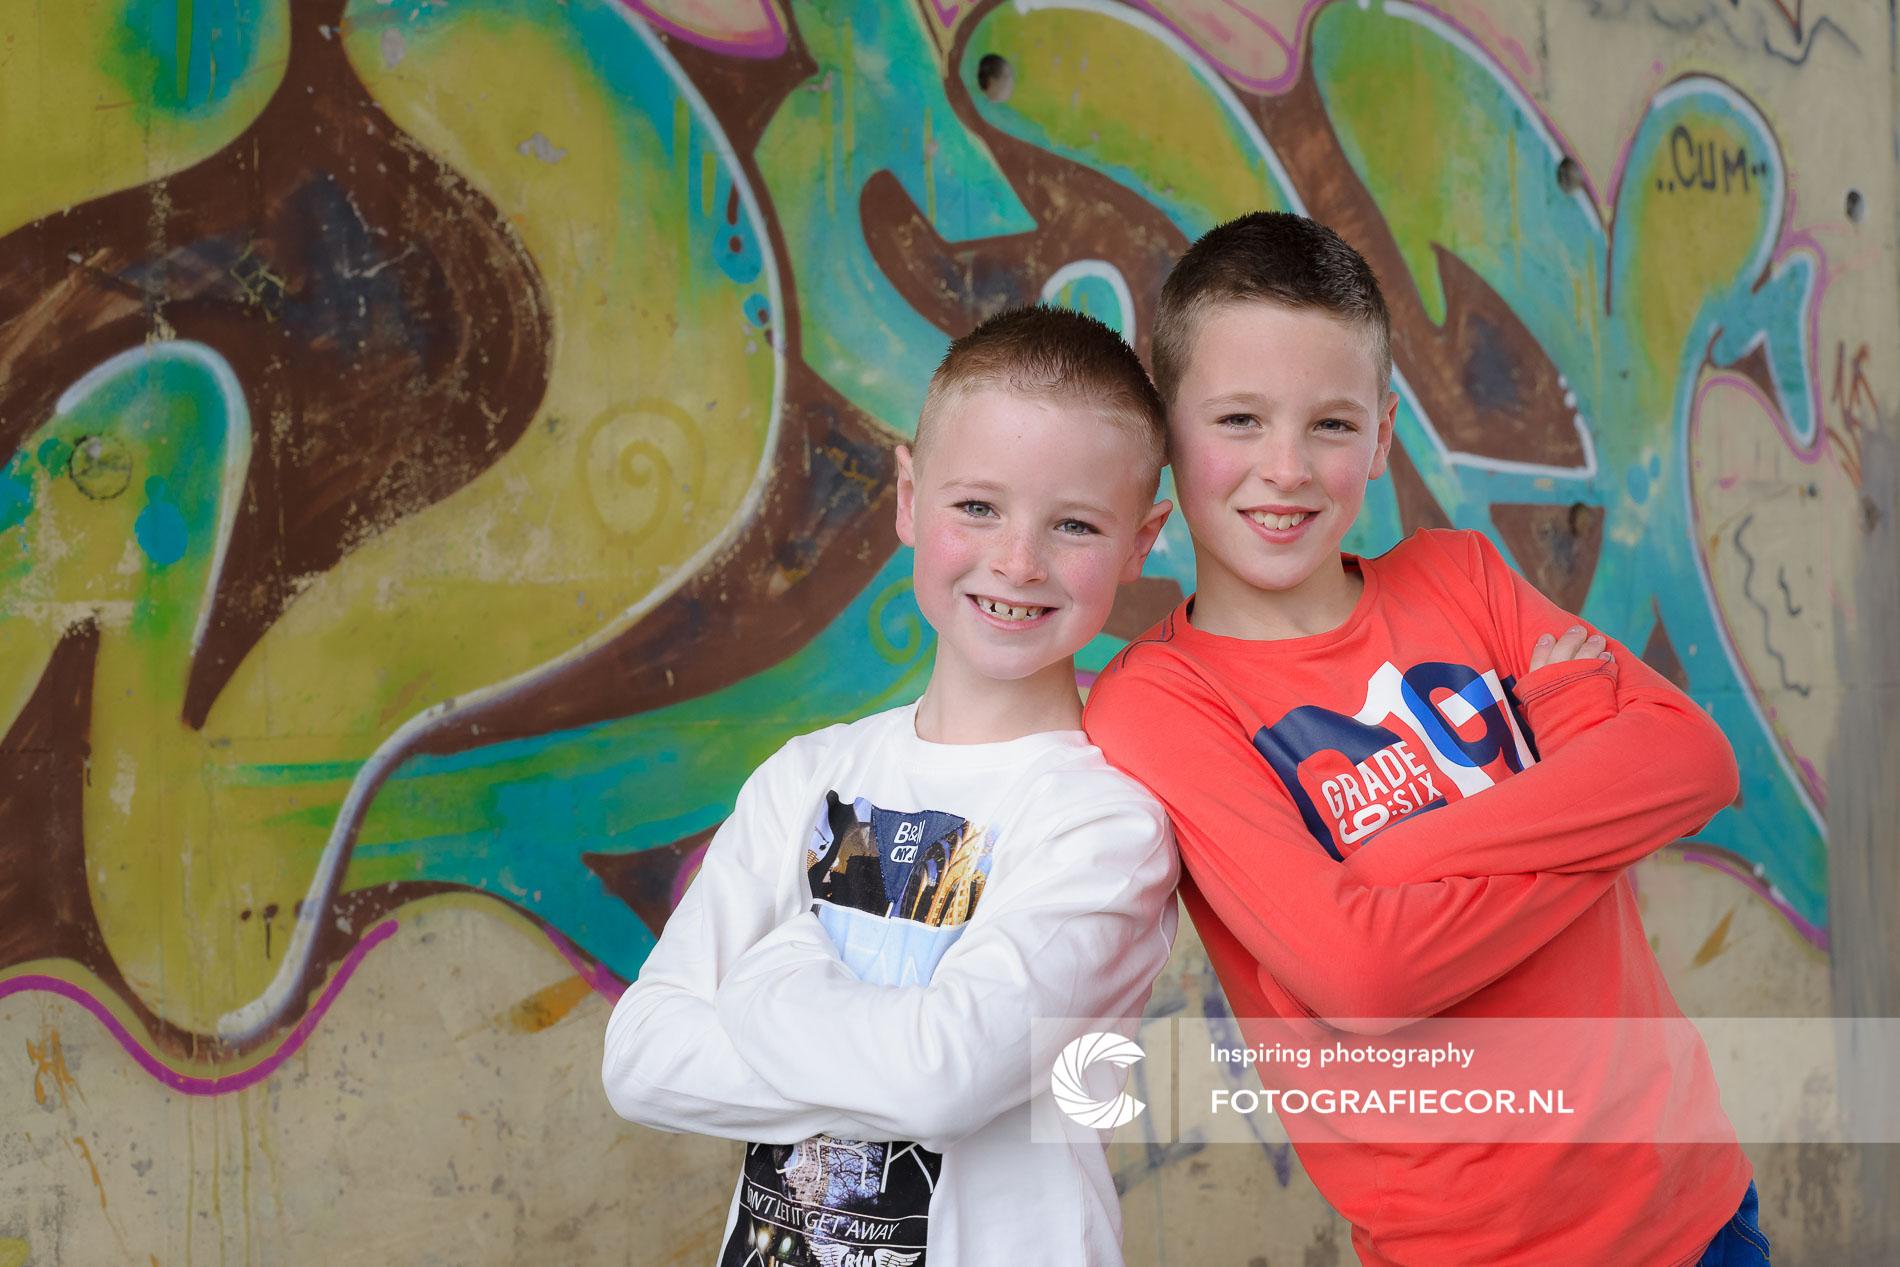 Portretfotografie buiten | Leuke fotoshoot kinderen